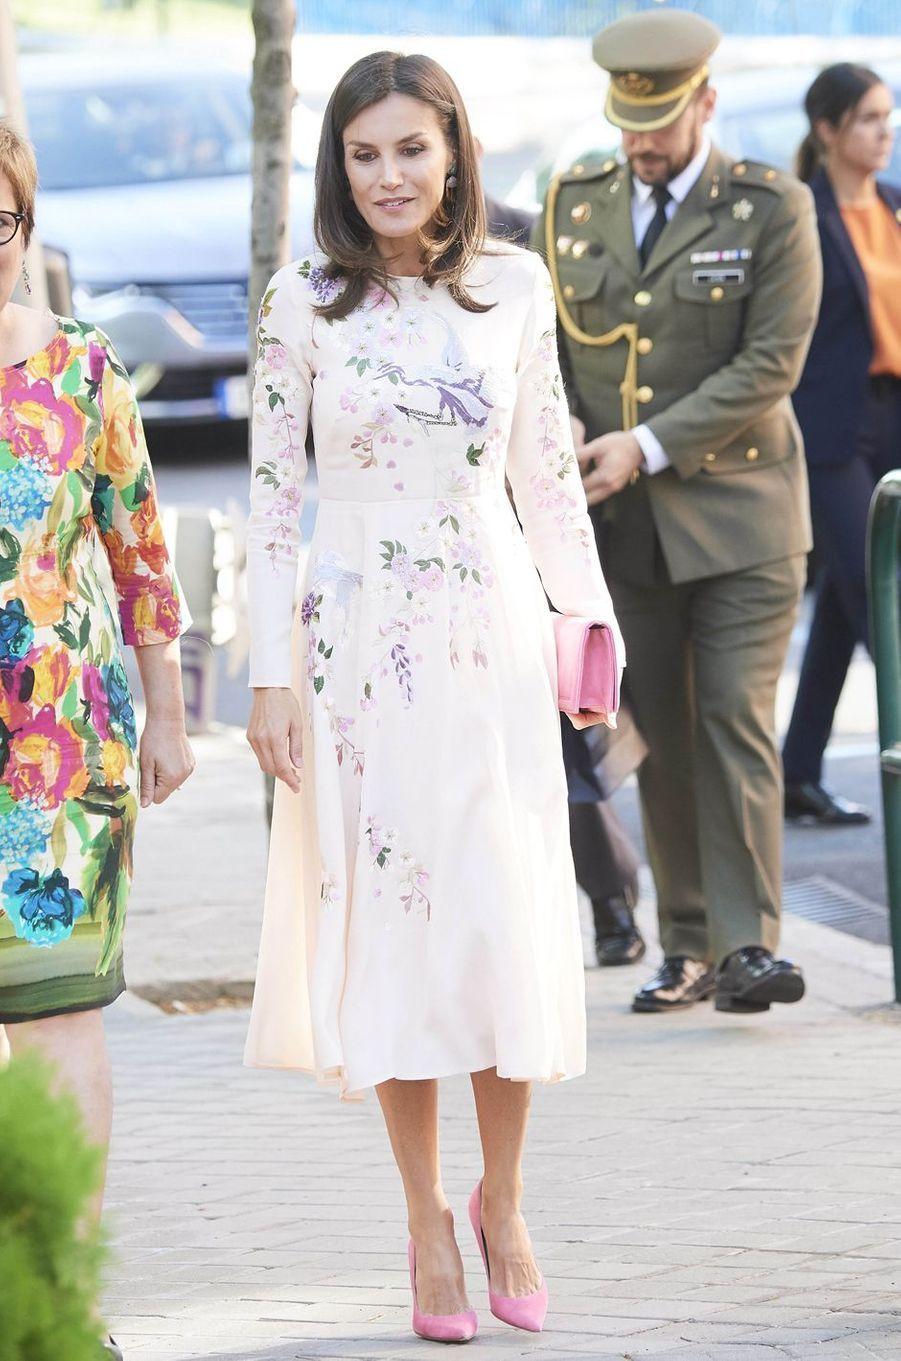 La reine Letizia d'Espagne dans sa robe brodée Asos à Madrid, le 8 juillet 2019